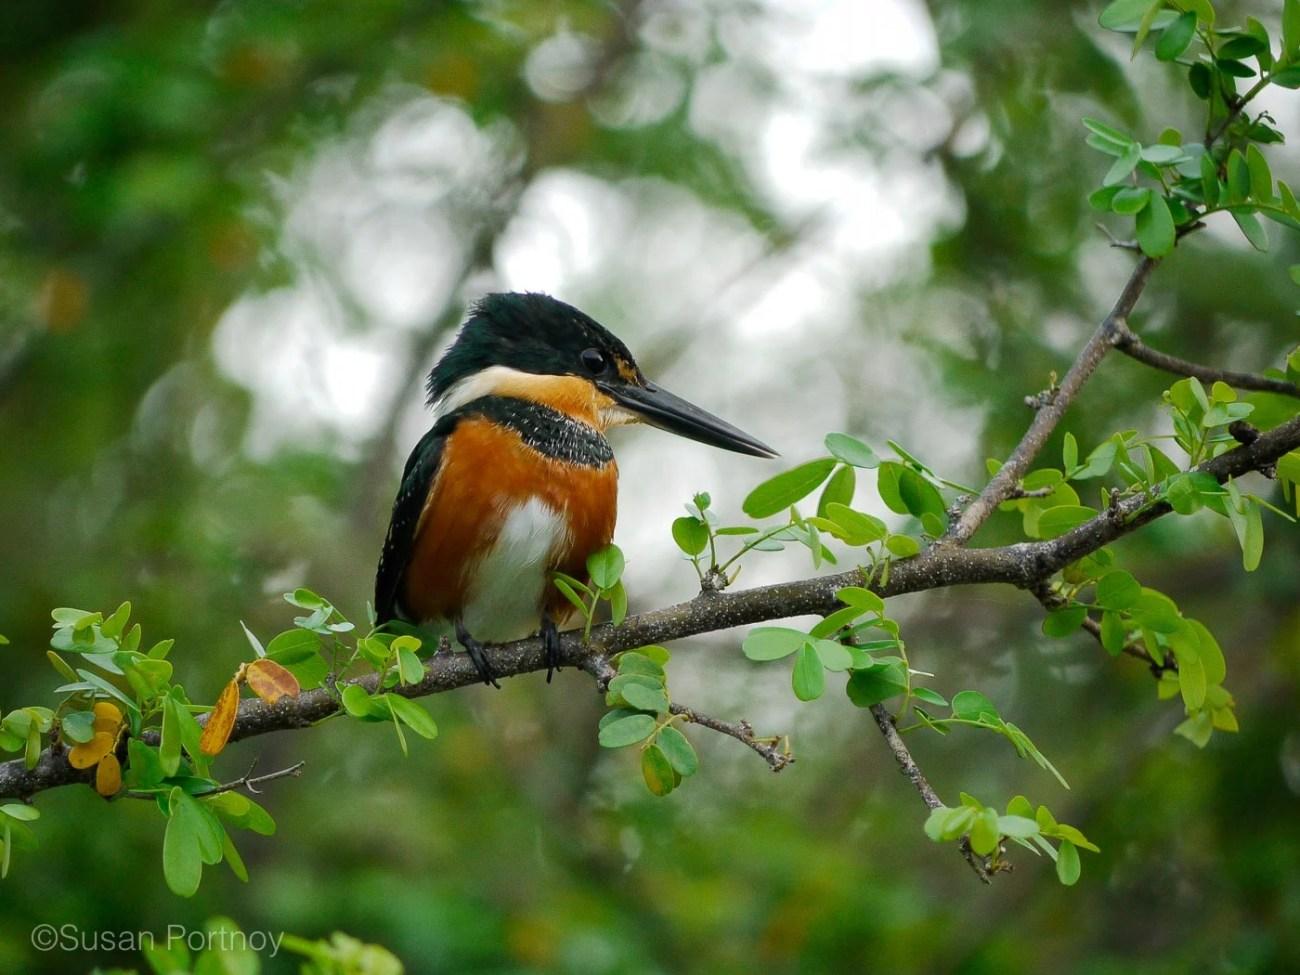 sportnoy_birds-04